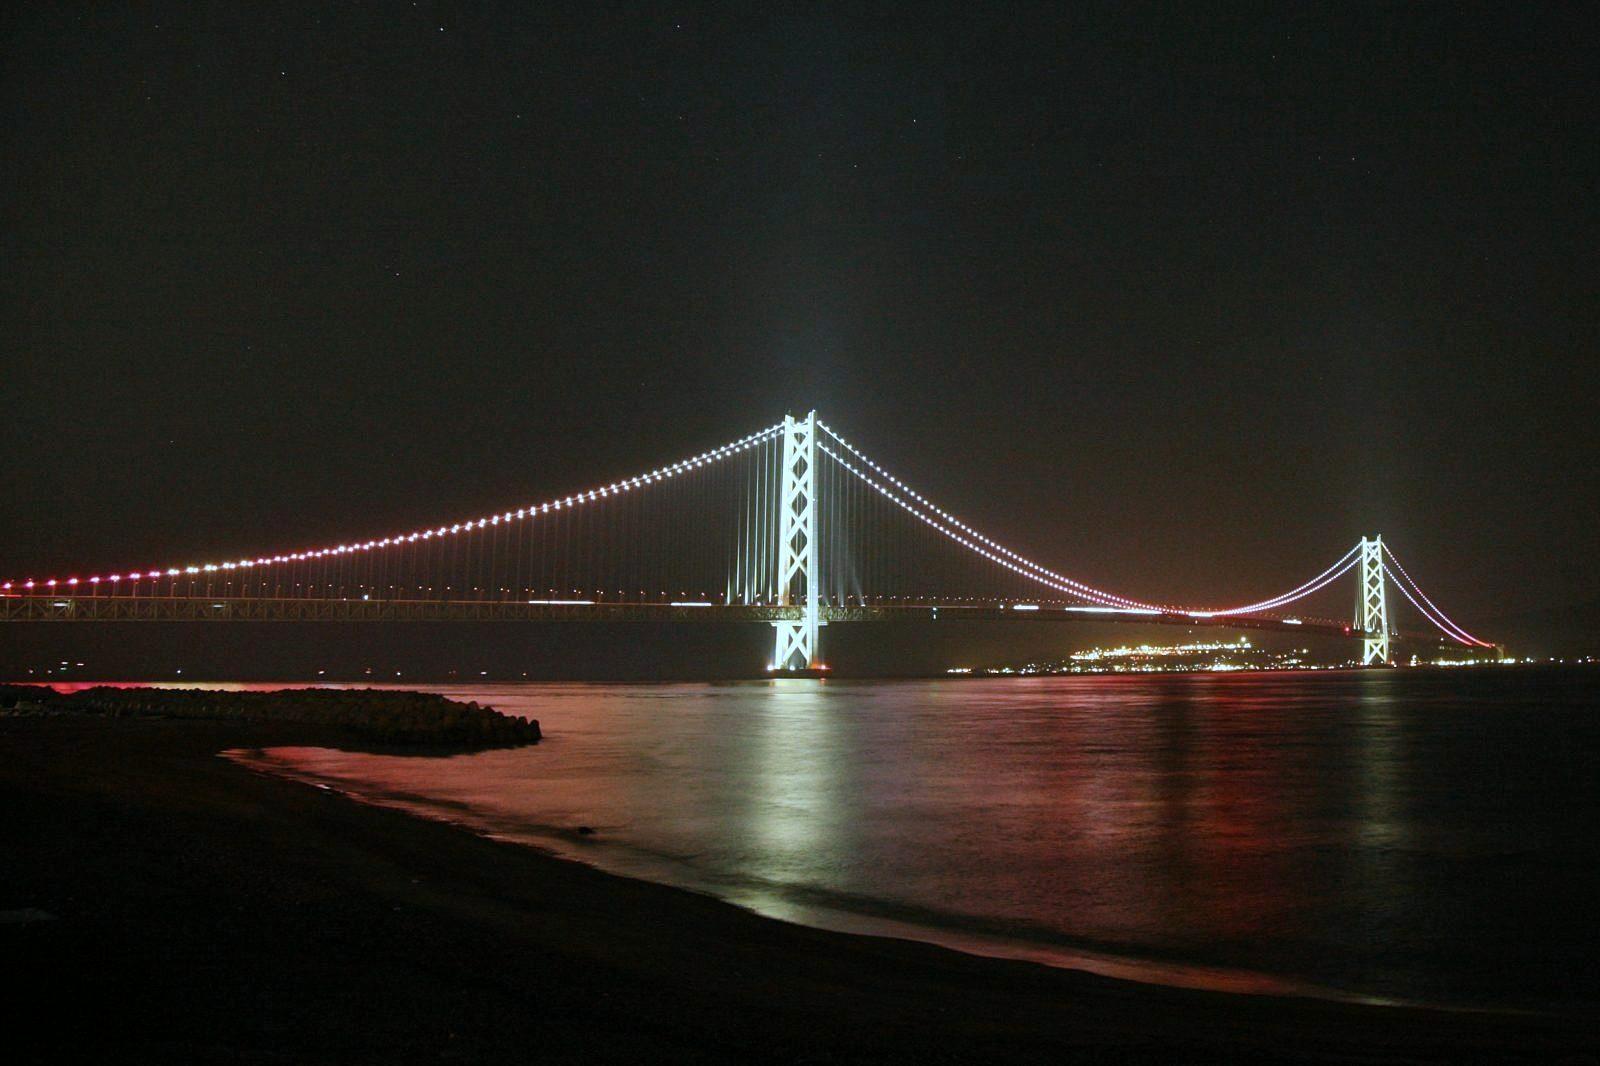 Akashi-Kaikyo Bridge, Hyogo